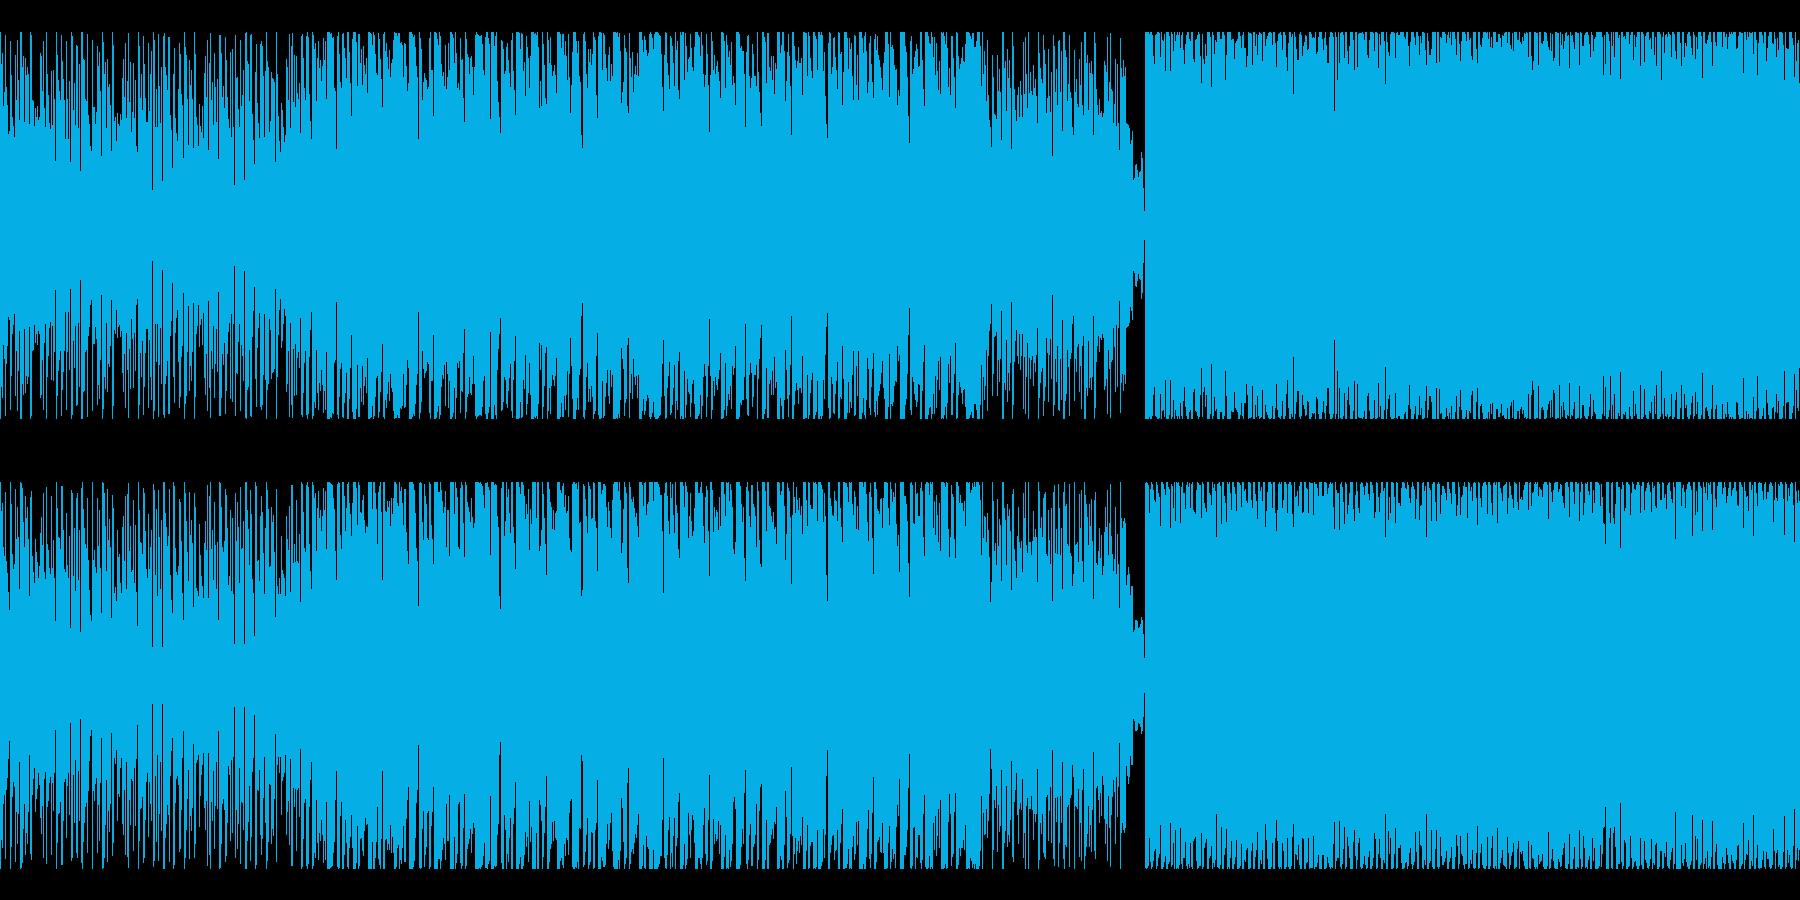 高速の電子空間戦闘曲【1分ループ曲】の再生済みの波形